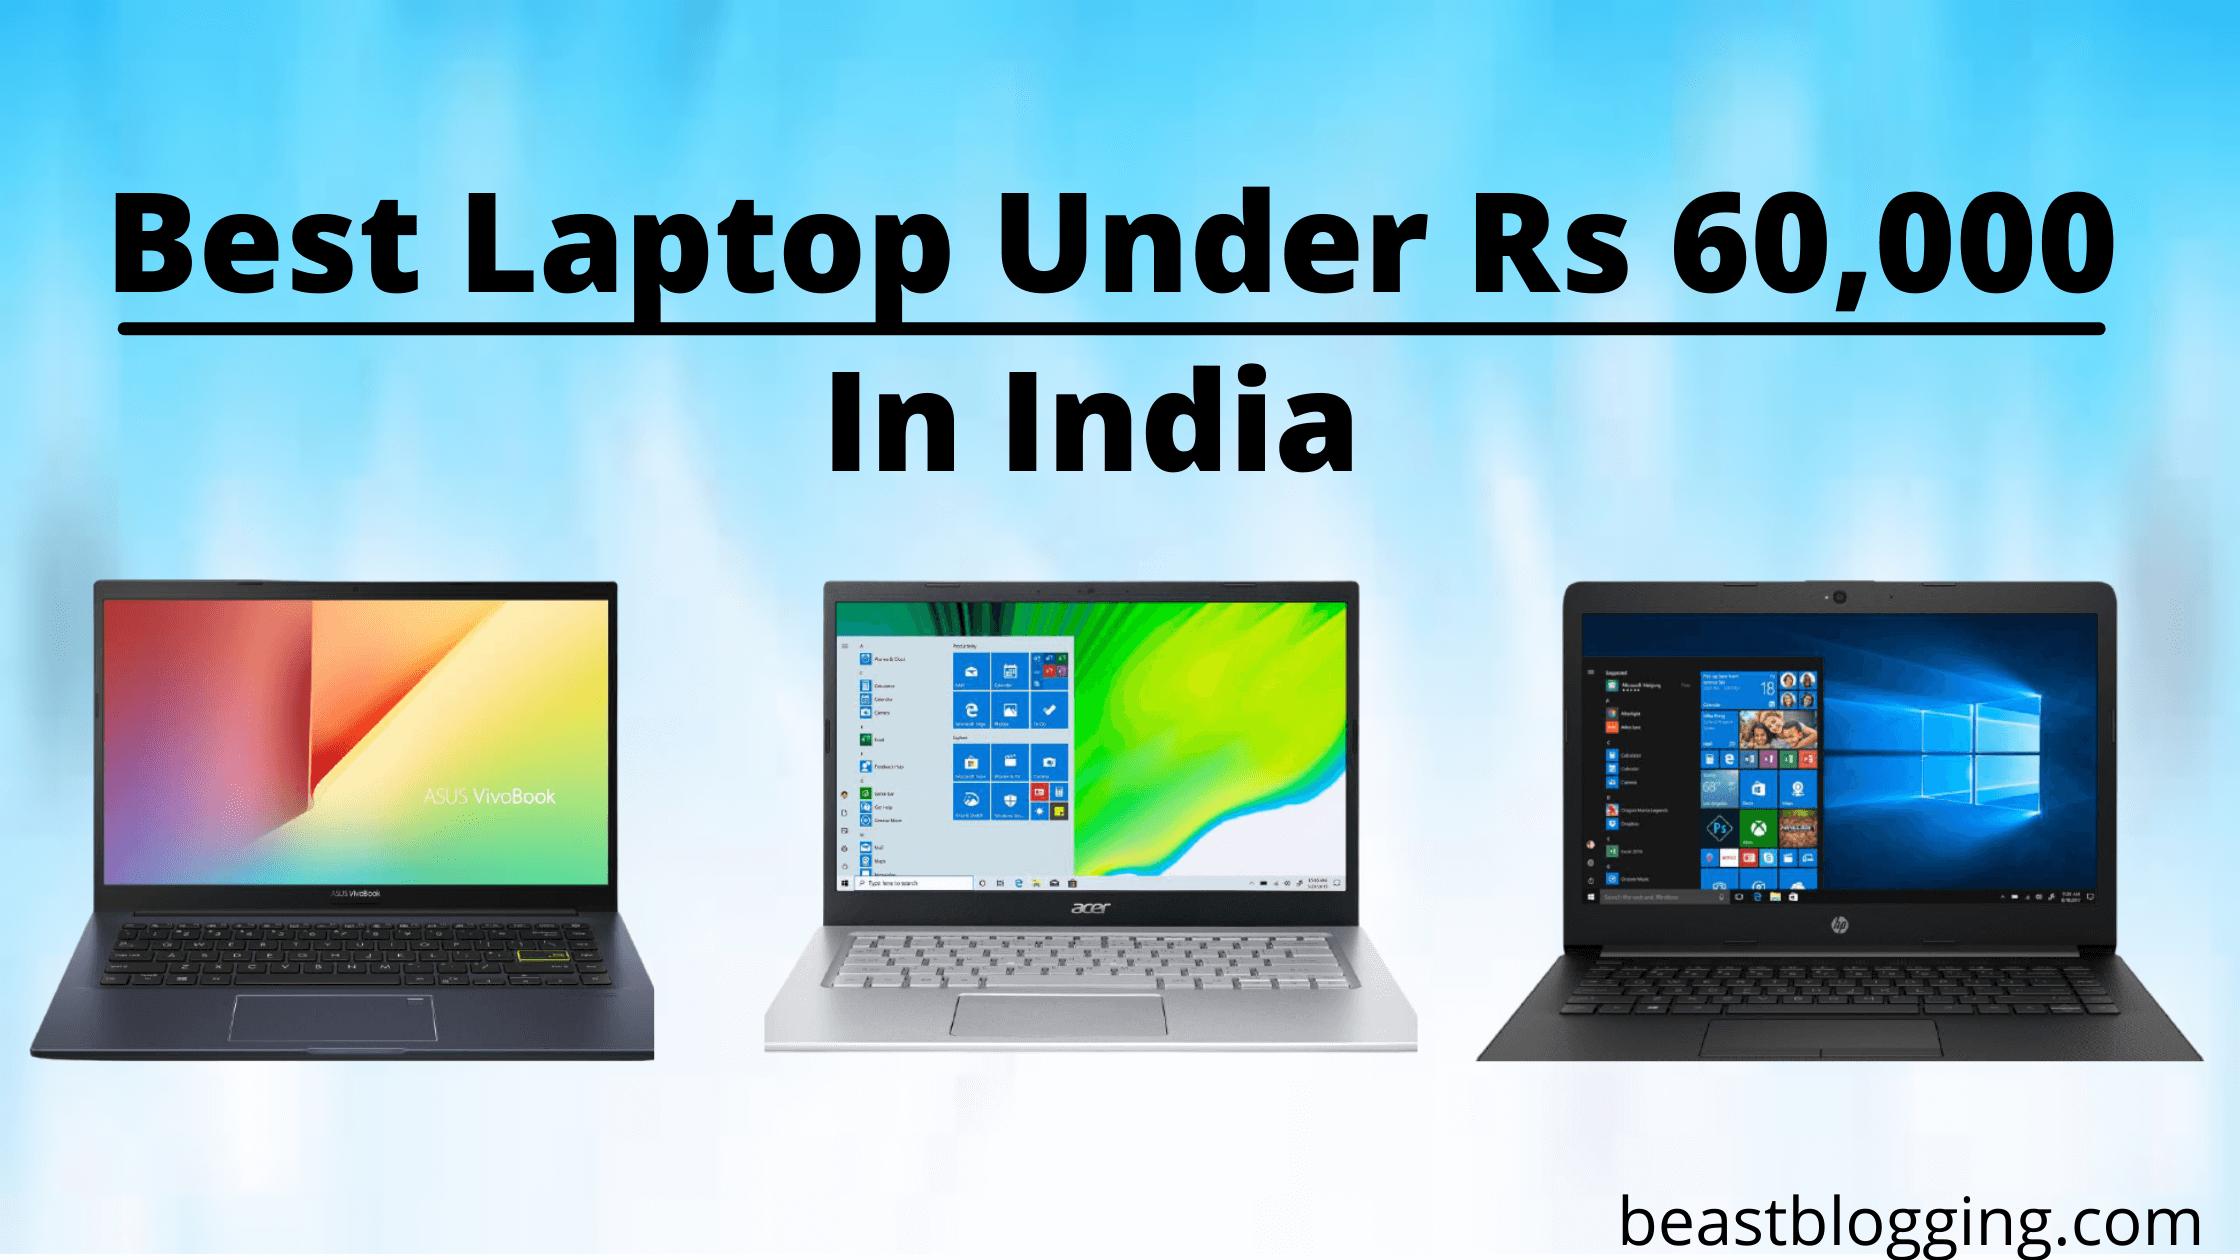 Best Laptop Under Rs 60,000